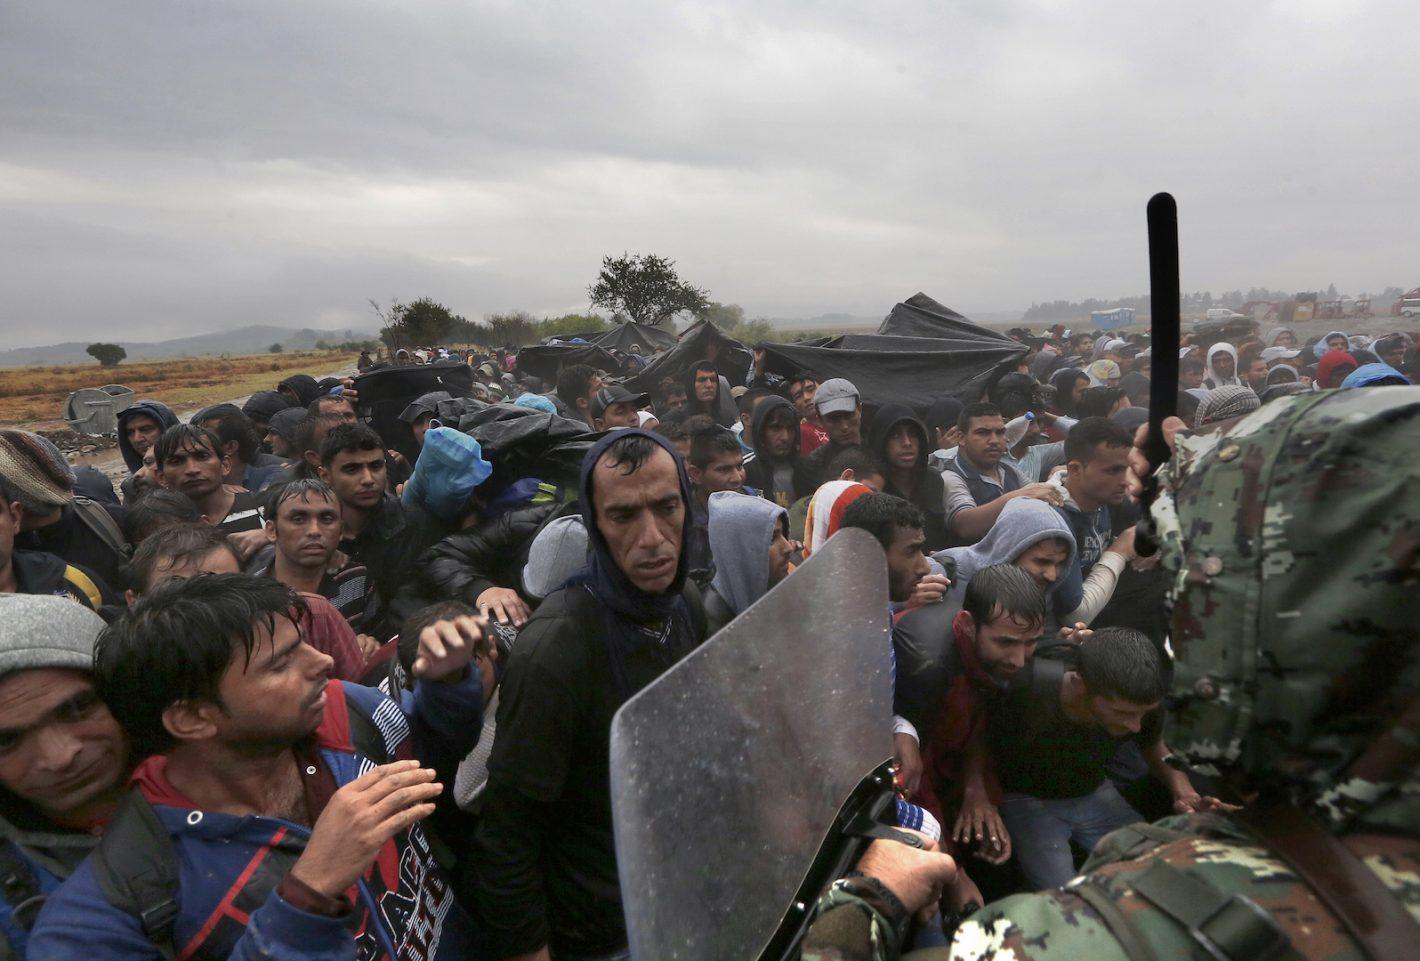 Un policier macédonien lève son bâton contre les réfugiés et les migrants bloqués à la frontière gréco-macédonienne - village d'Idomeni - 10 Septembre 2015. REUTERS / Yannis Behrakis